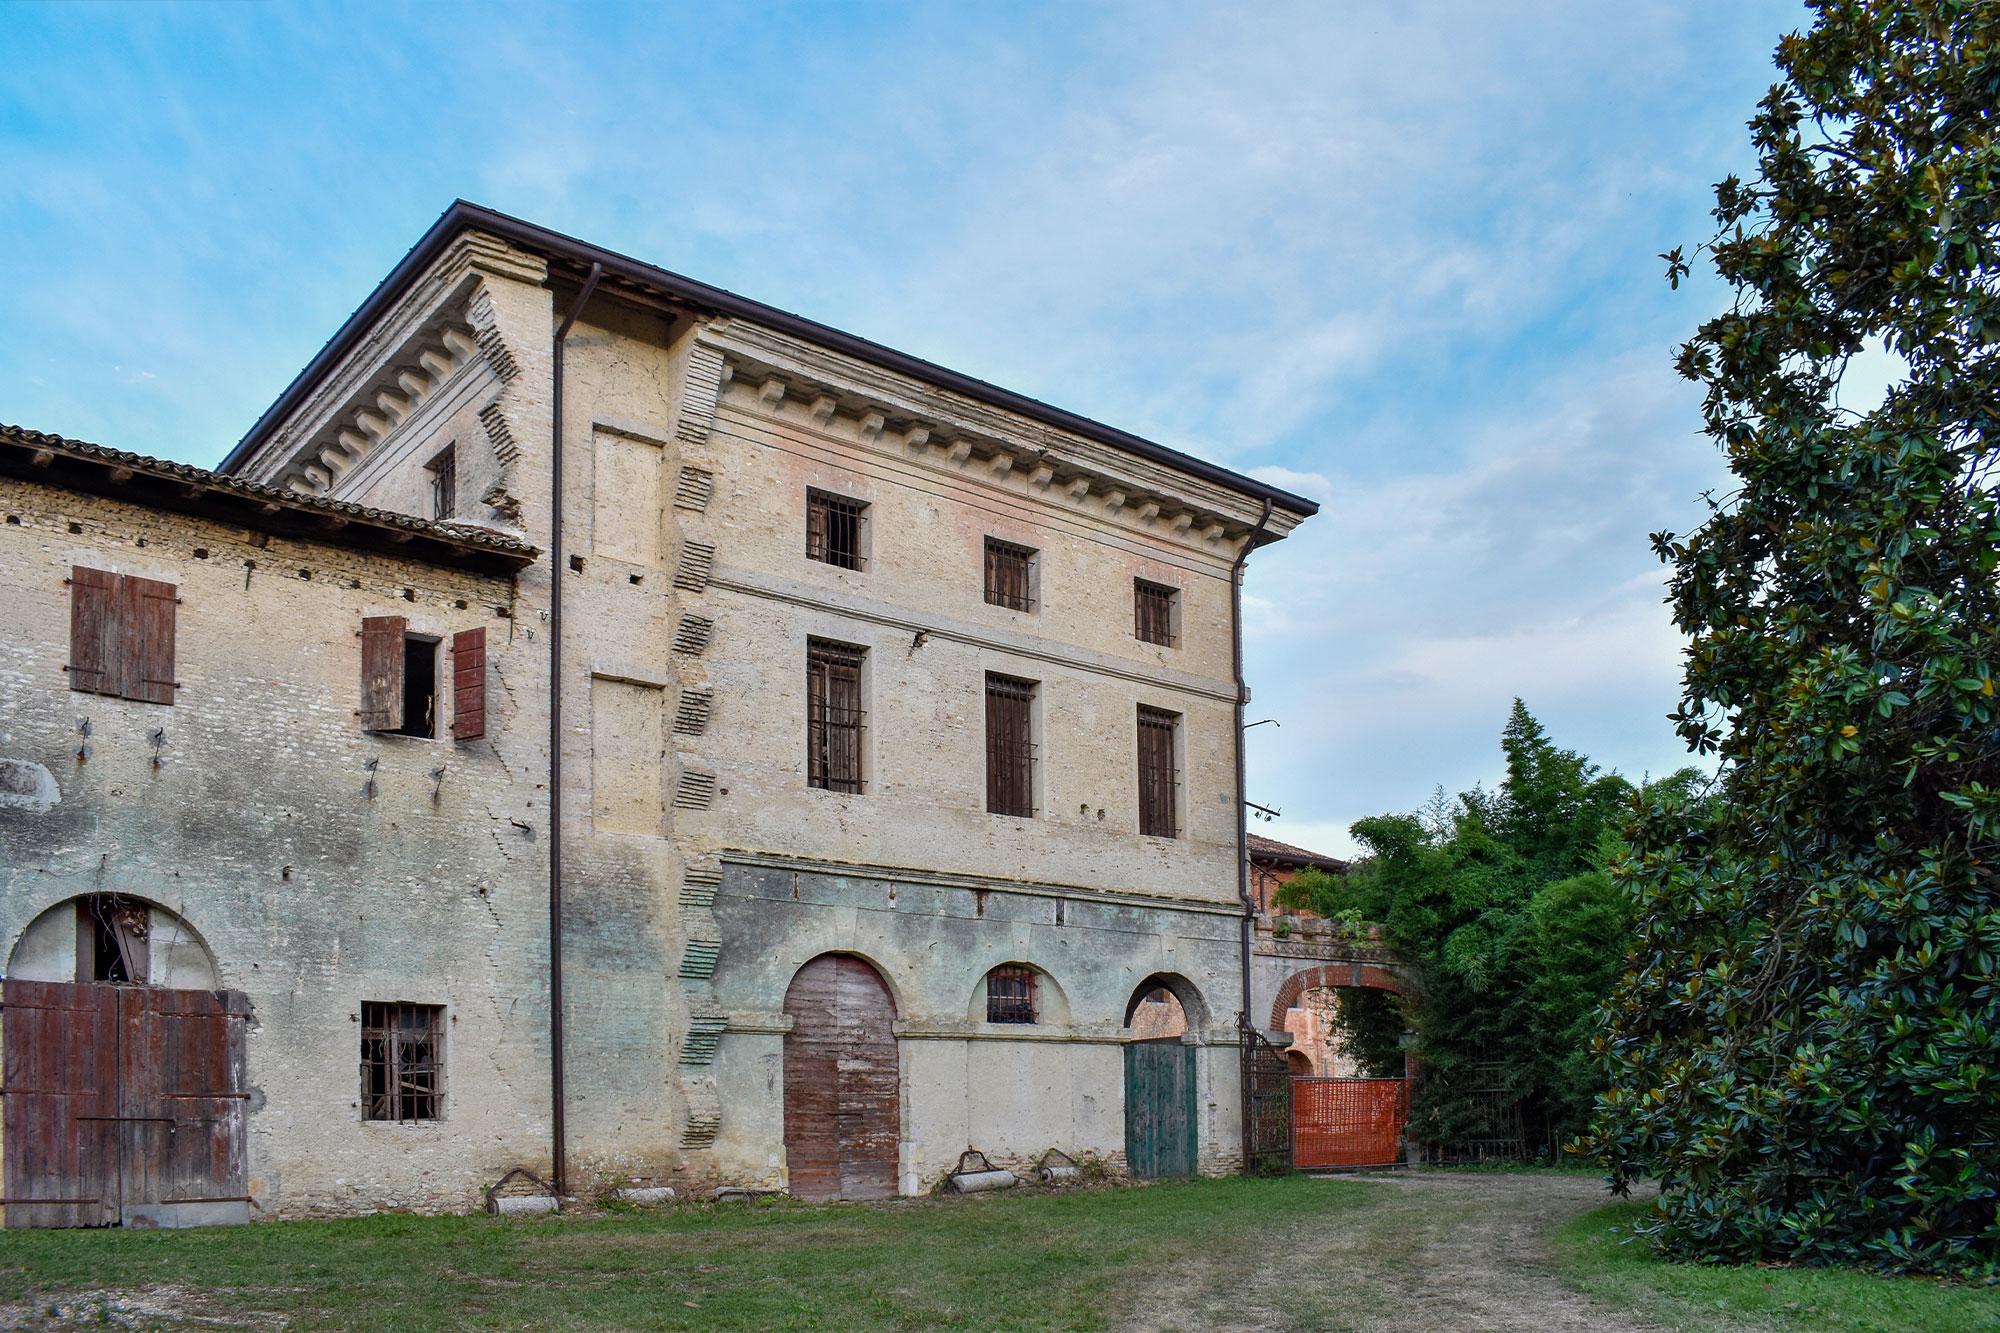 Magazzini del sale di Villa Ottelio Savorgnan